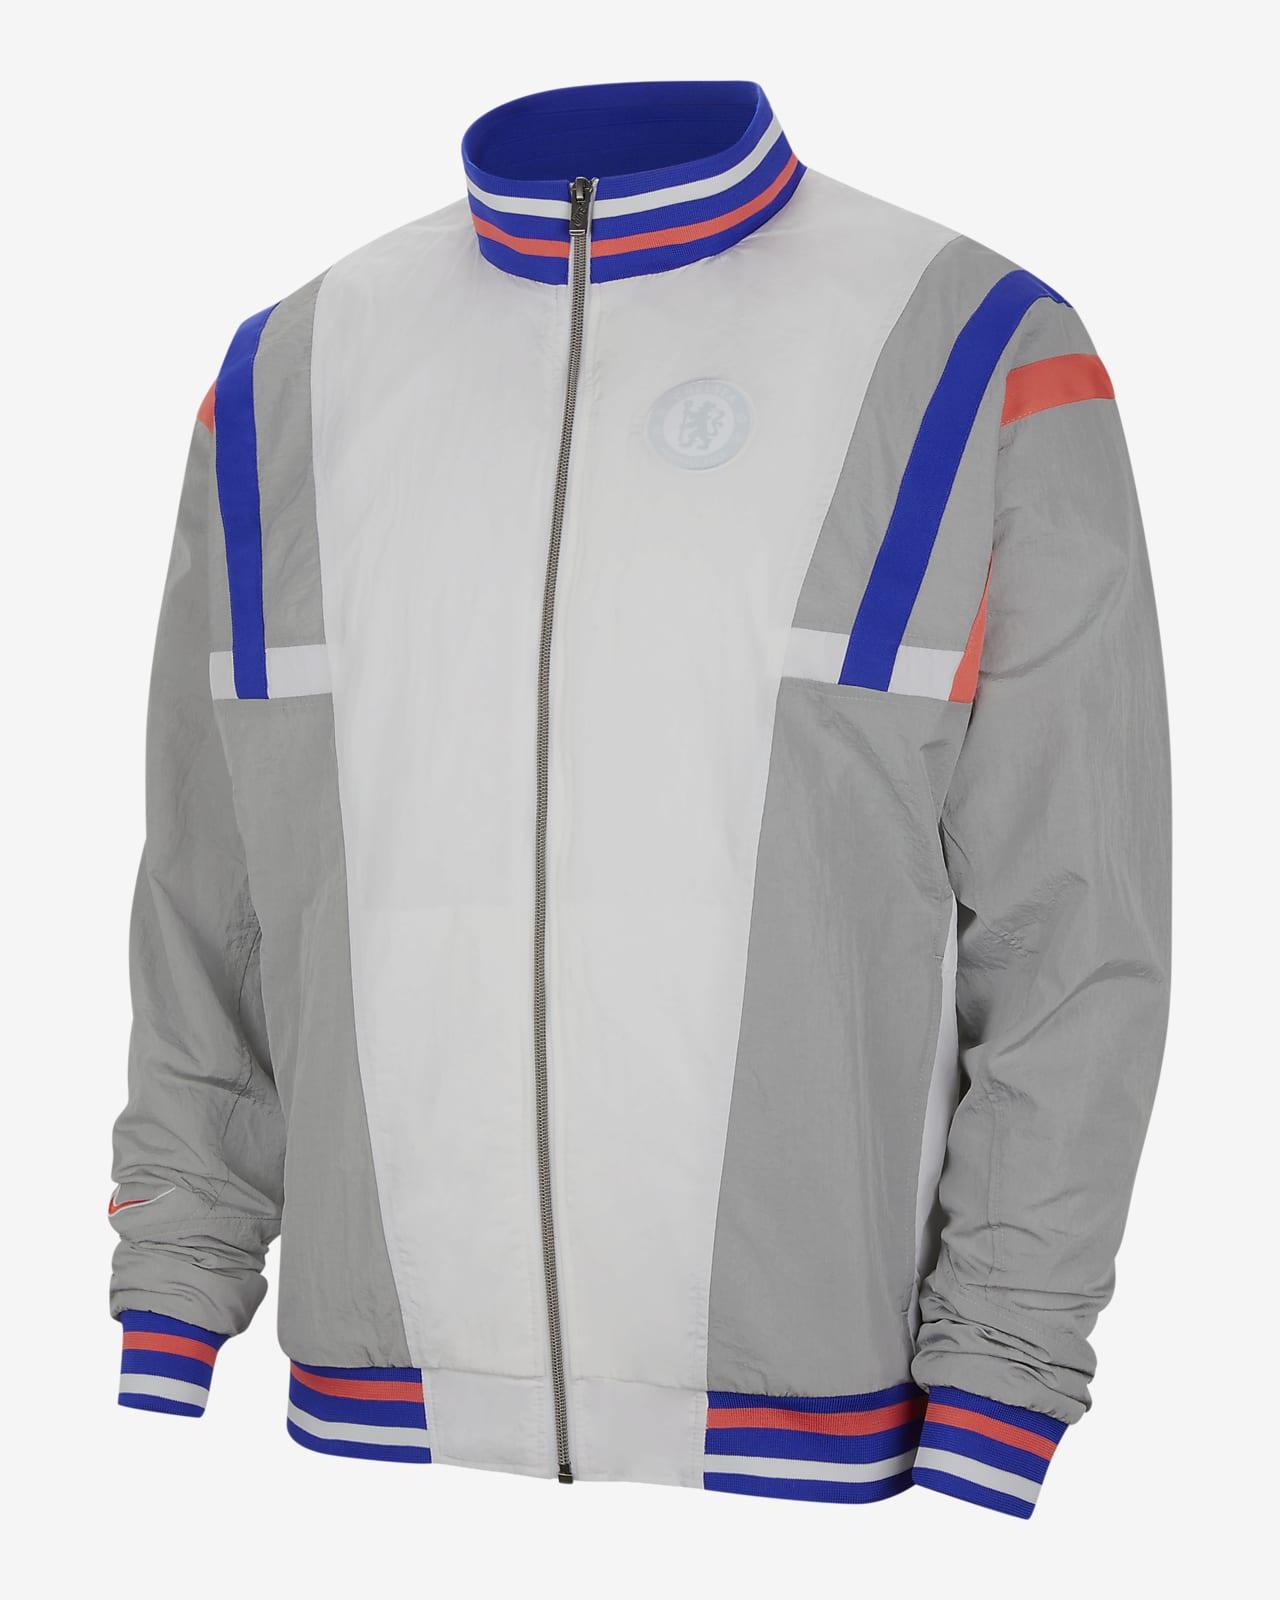 Chelsea F.C. Men's Woven Jacket